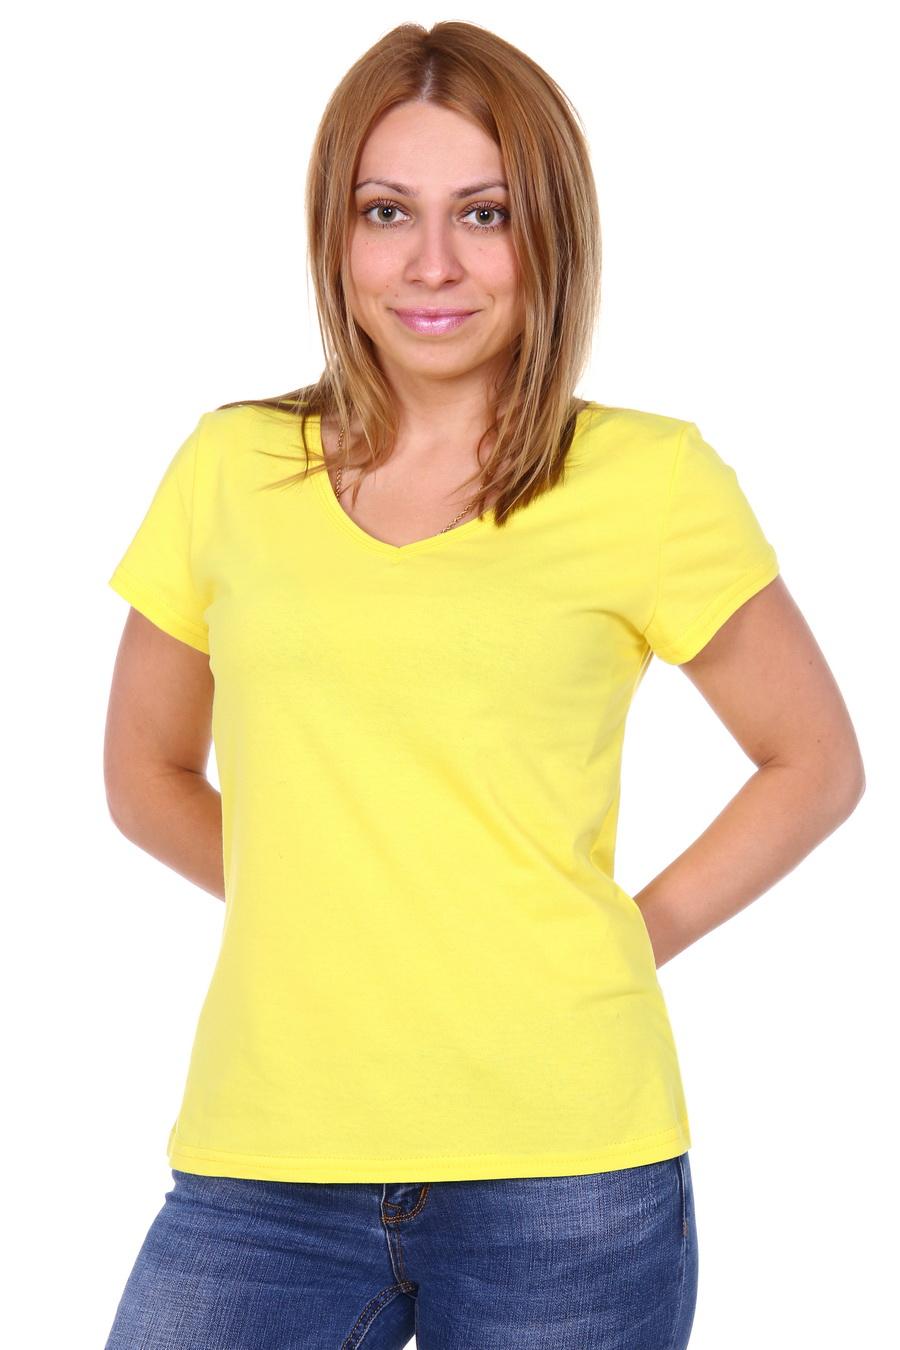 Жен. футболка арт. 17-0144 Желтый р. 46